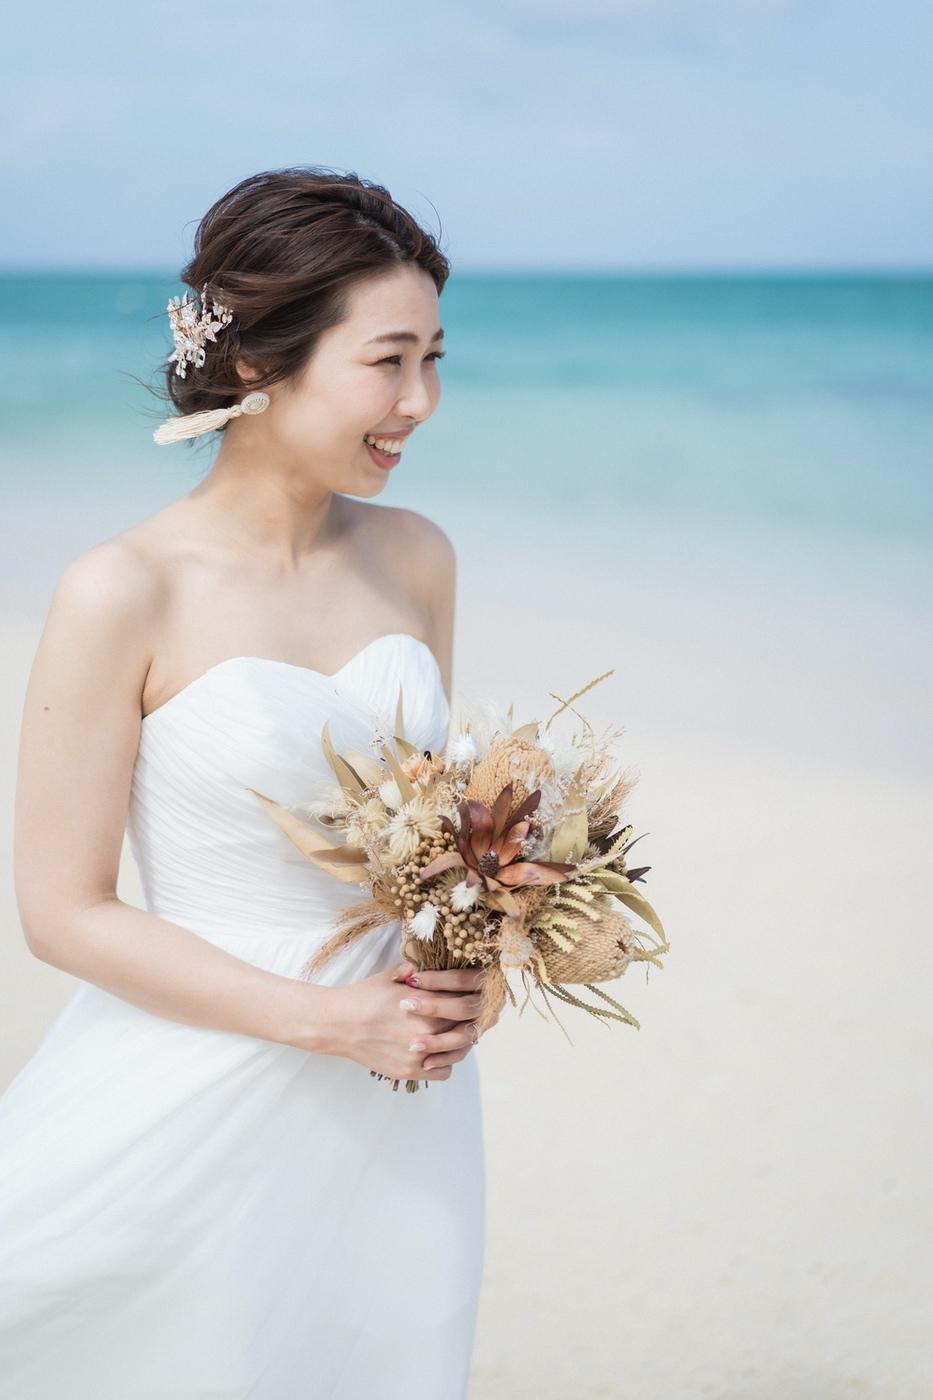 石垣島2月の服装